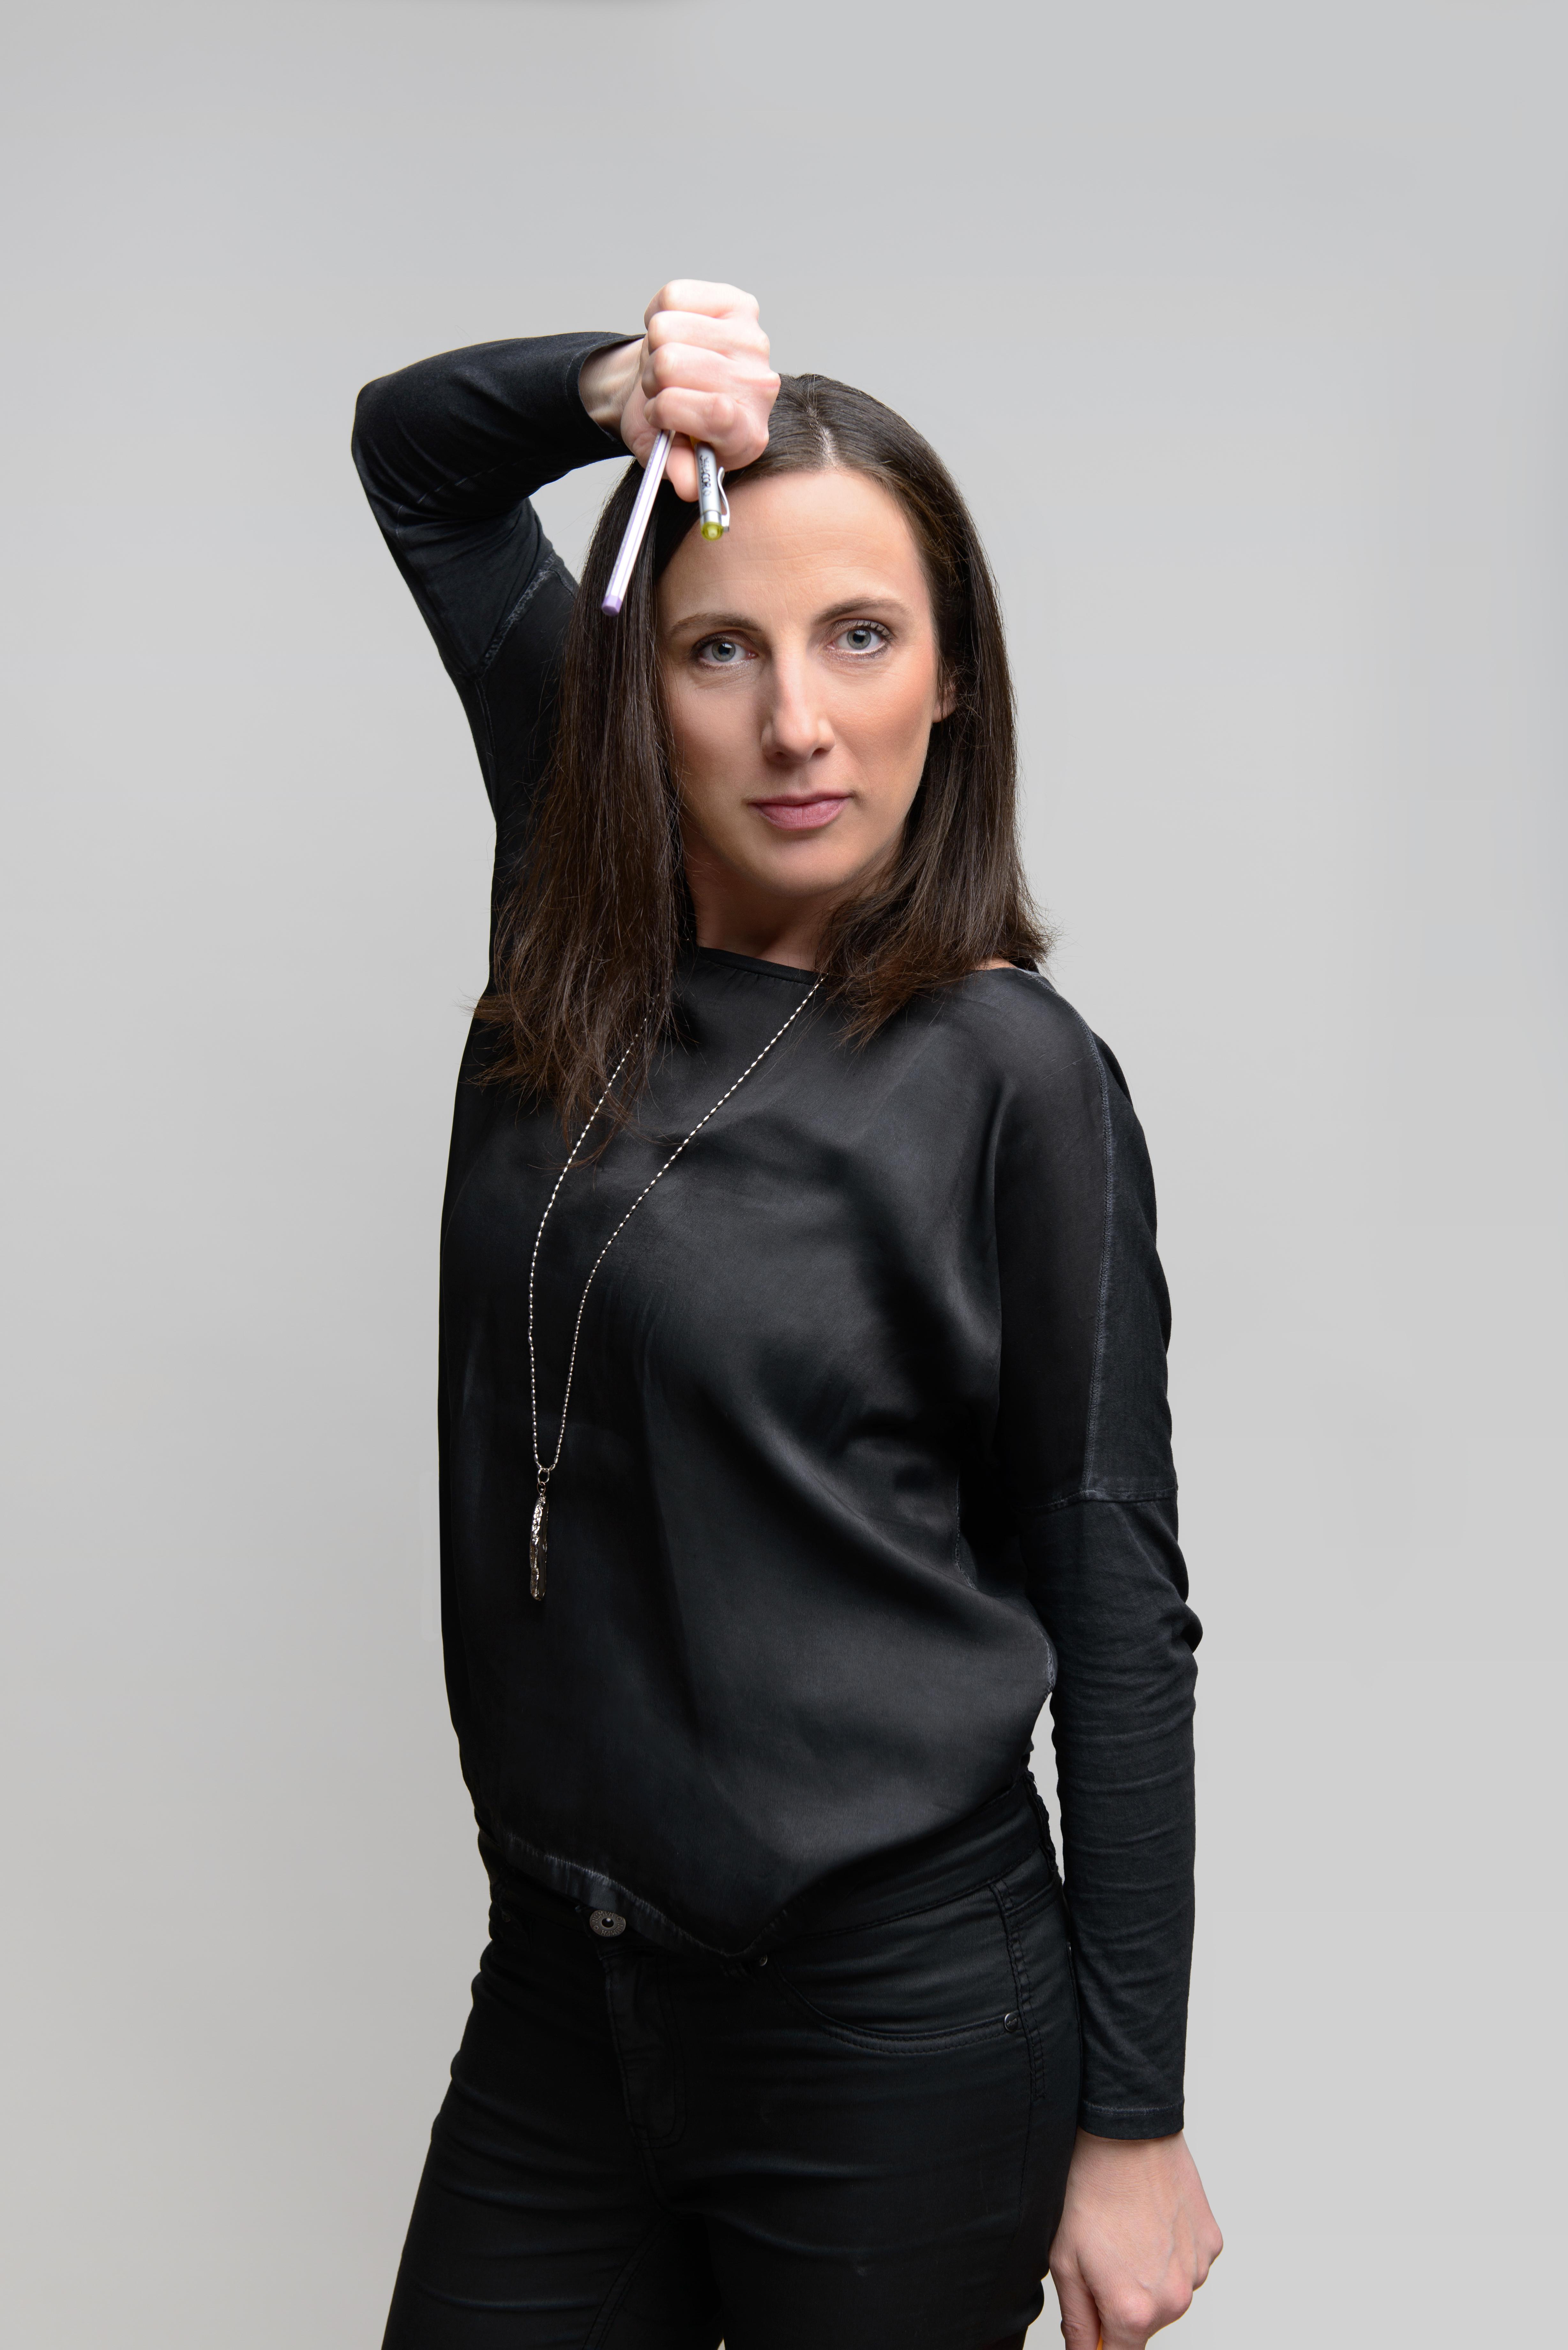 Irina Fleichler